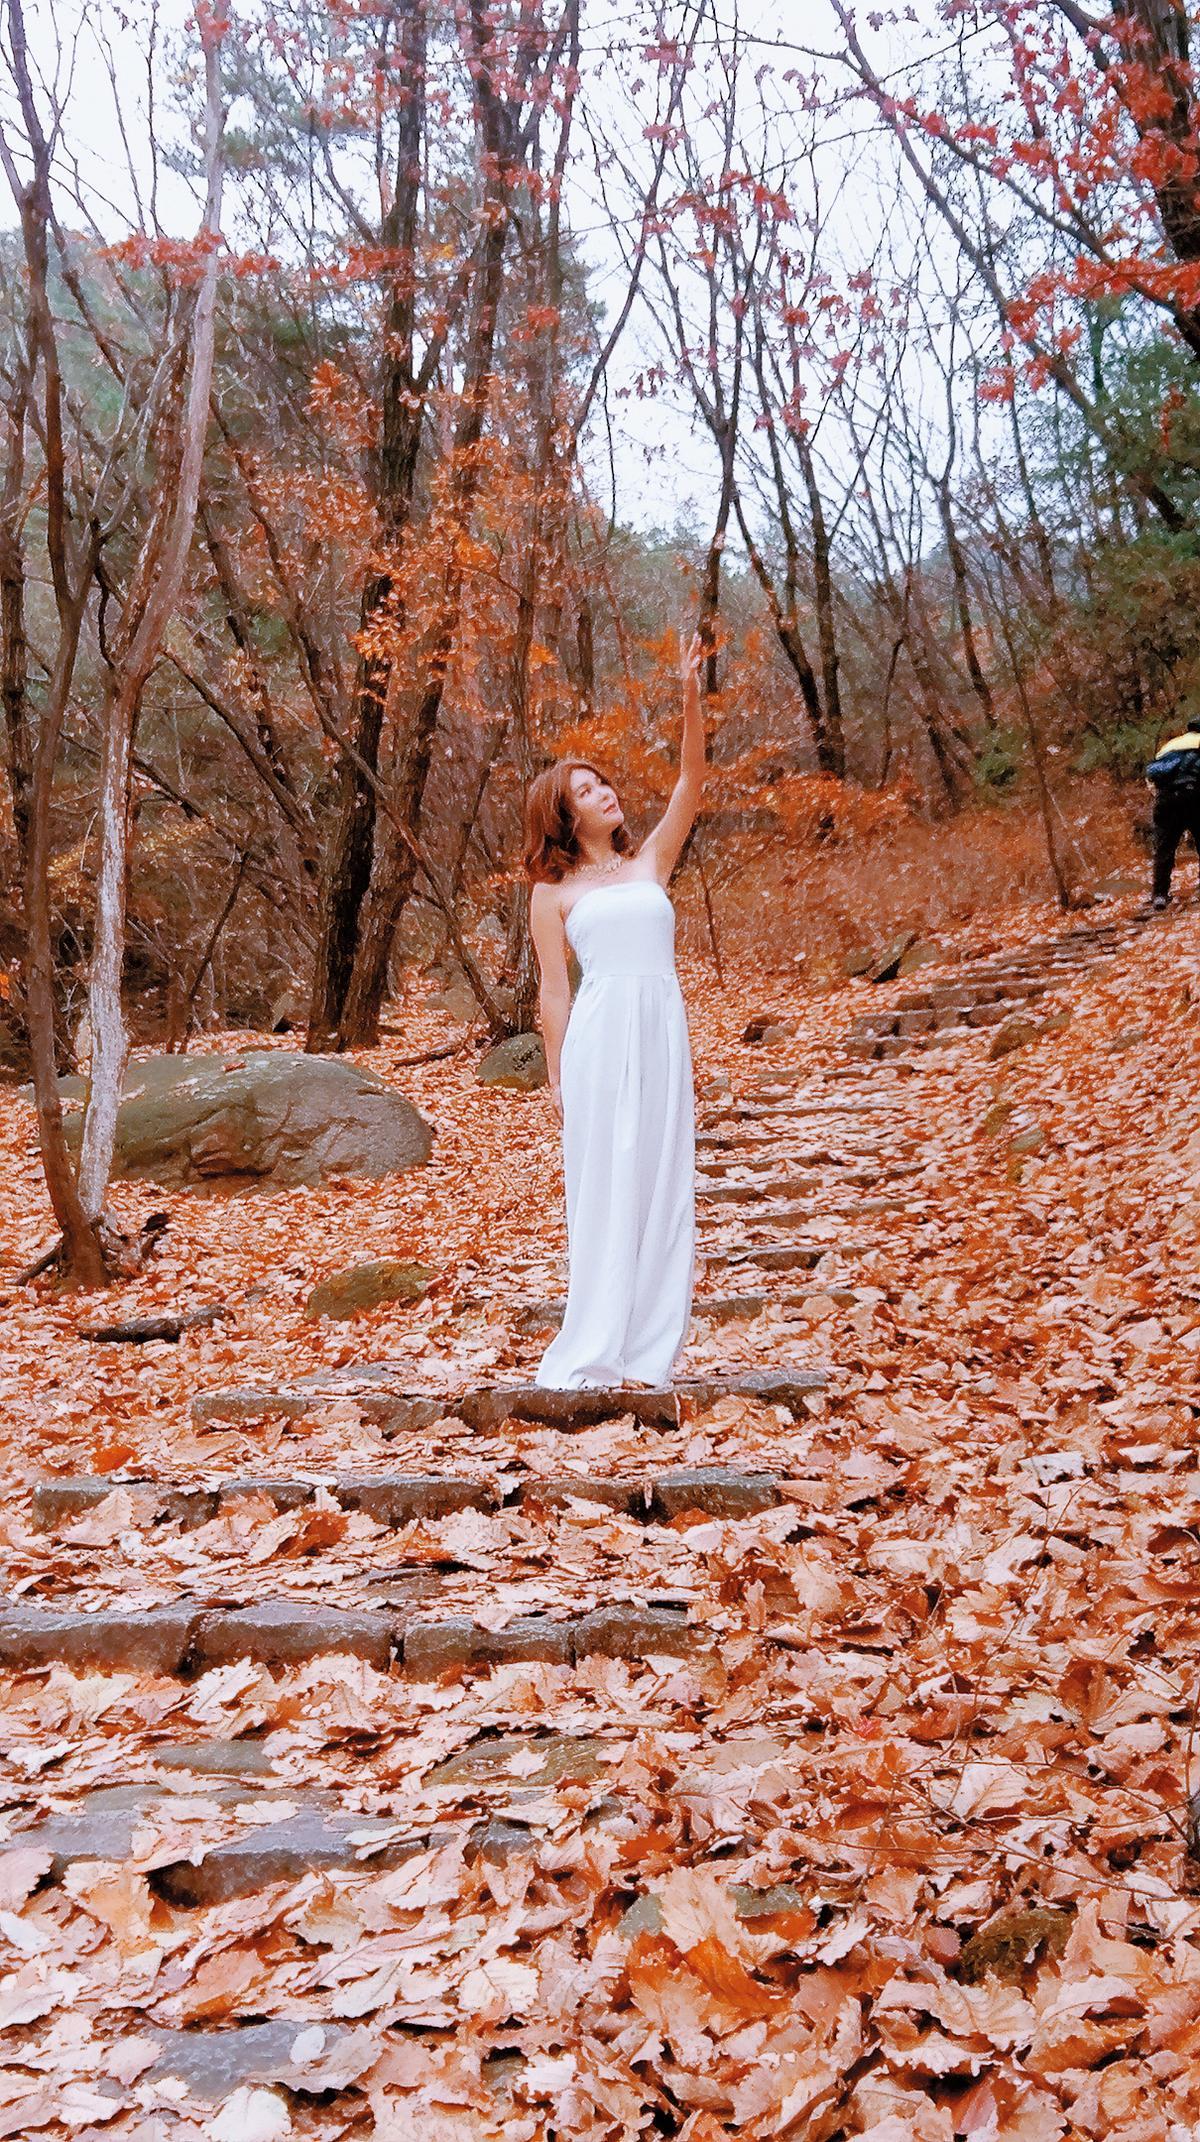 今年初,孟慶而特地到韓國拍攝單曲MV。